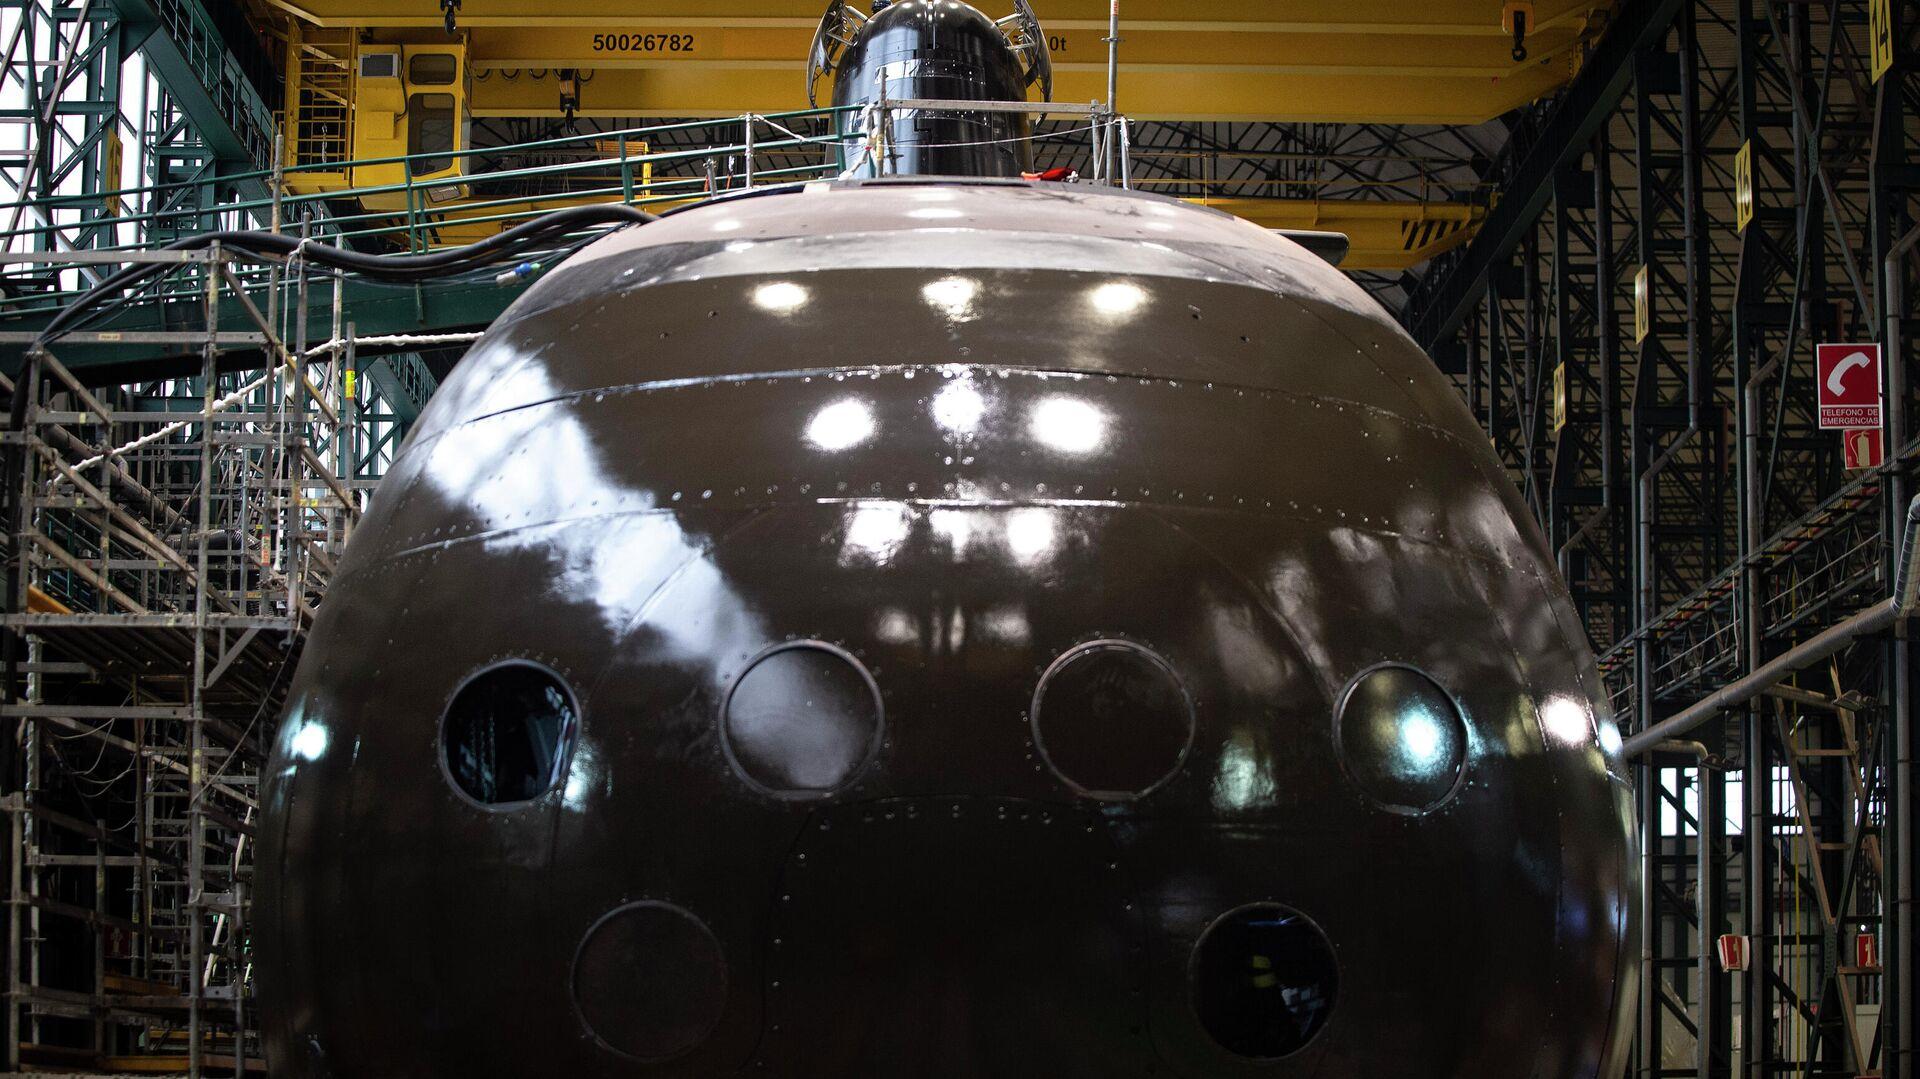 El submarino S-91 Isaac Peral en el taller donde se ha construido - Sputnik Mundo, 1920, 22.04.2021